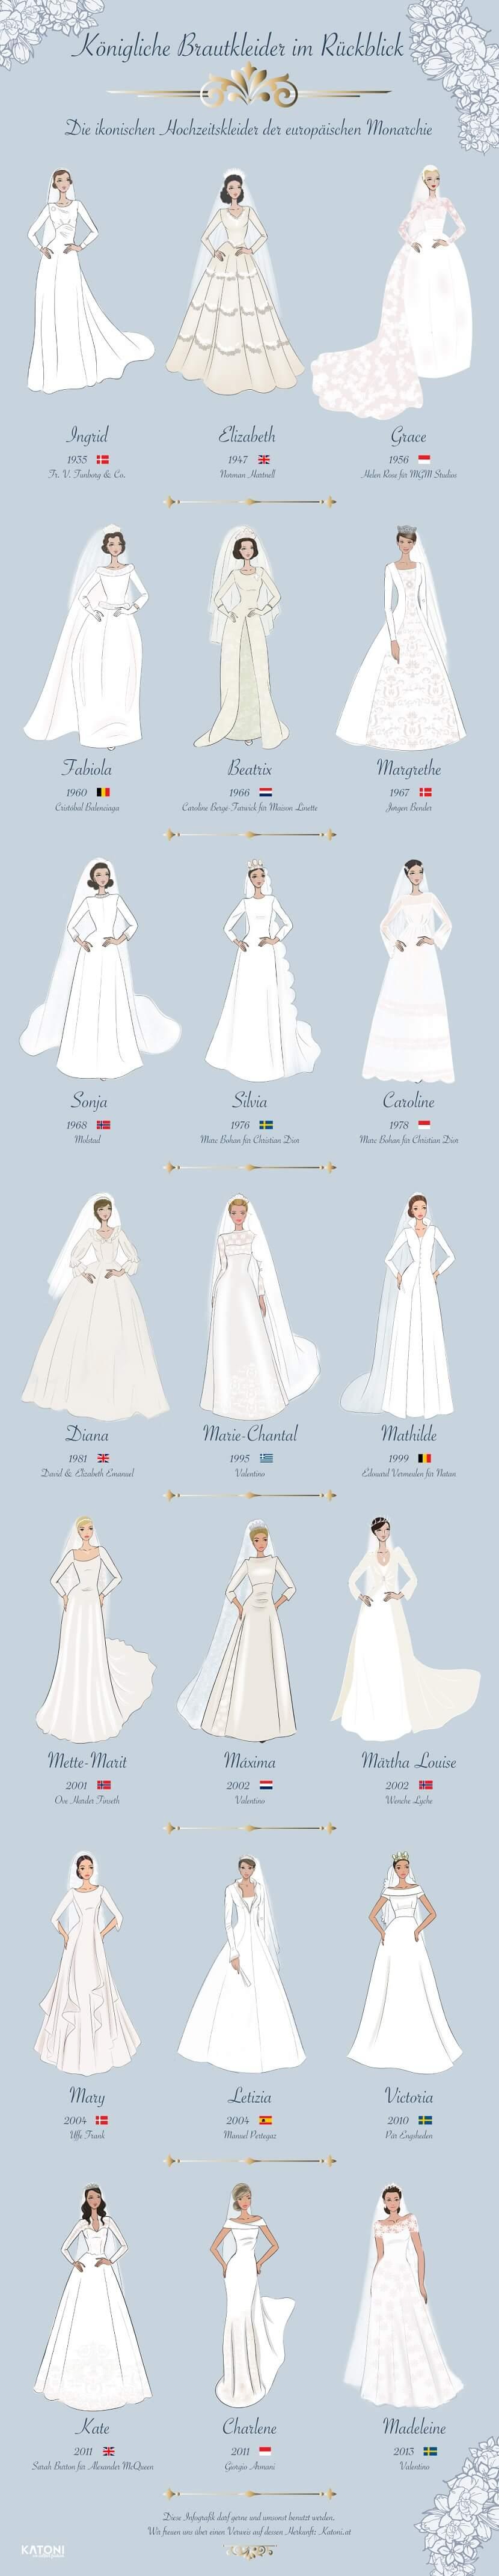 Die schönsten Prinzessinnen-Brautkleider und deren modischer